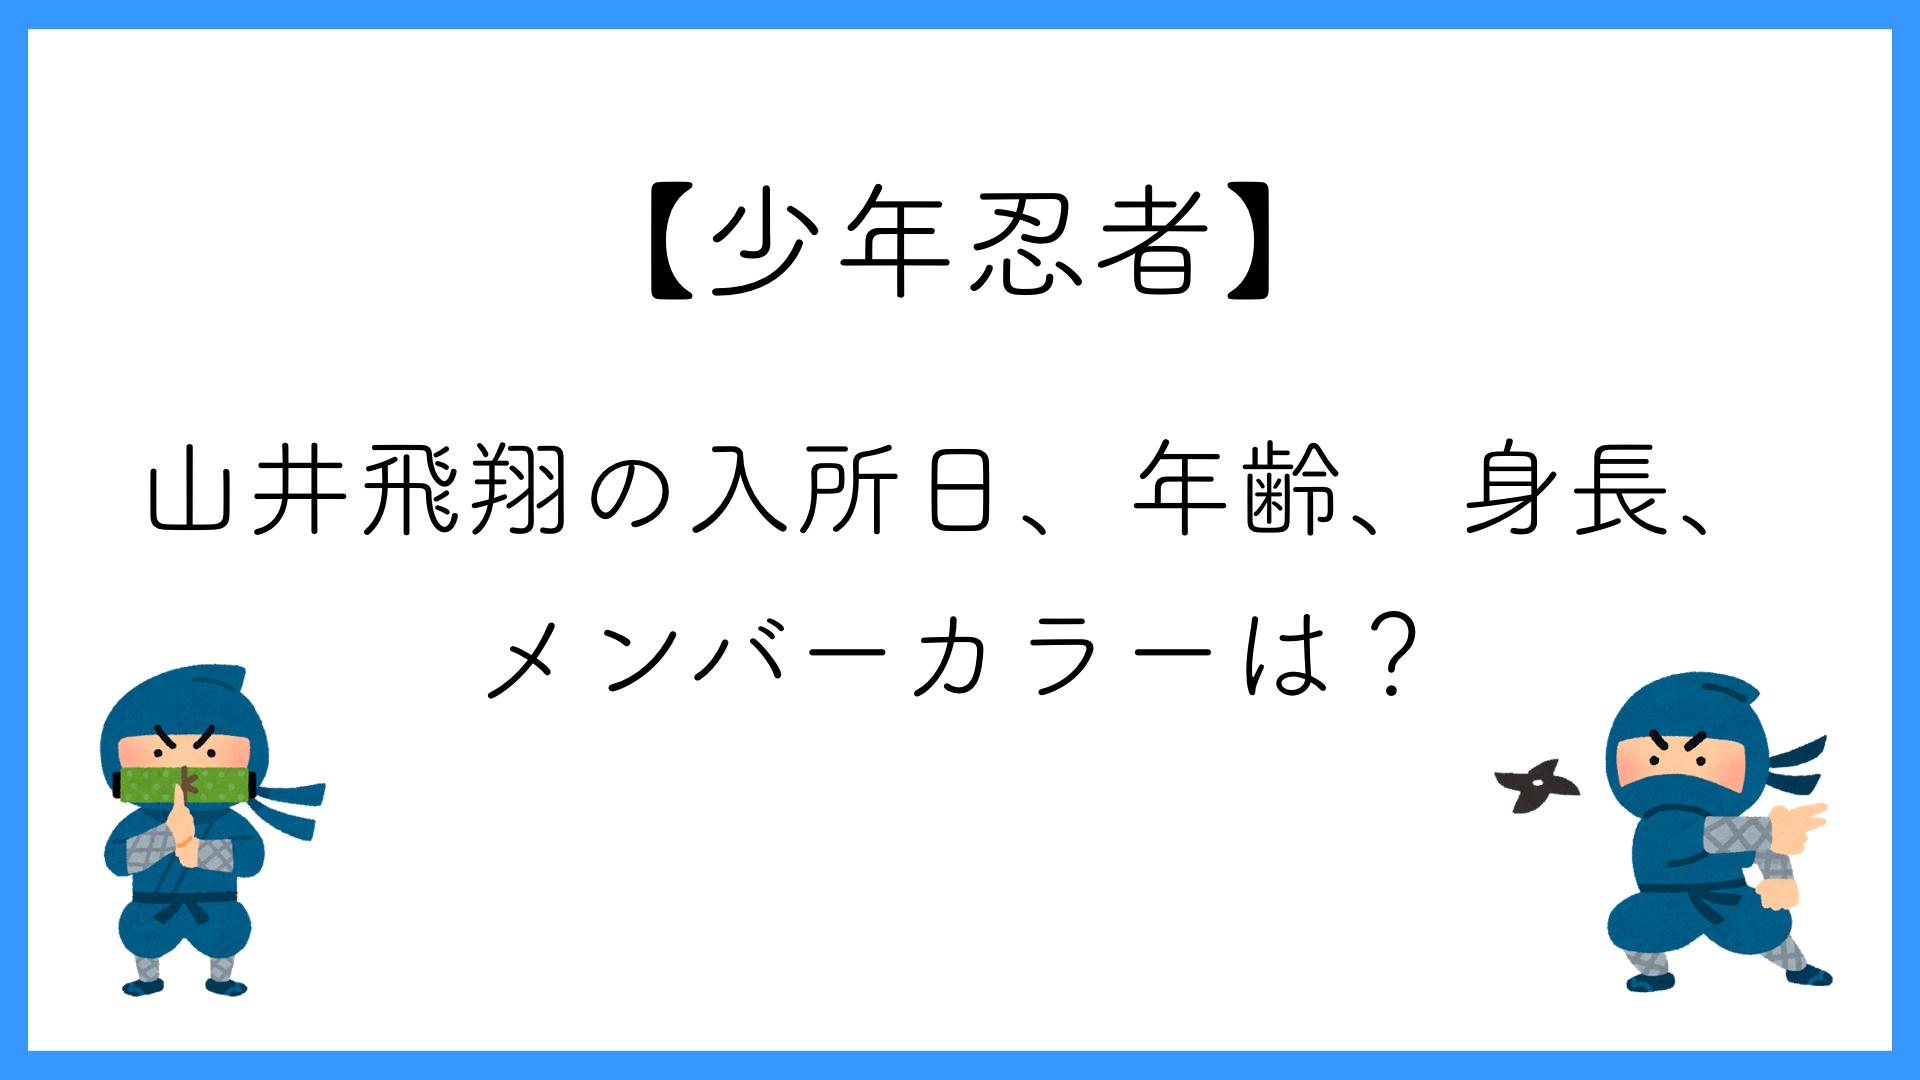 【少年忍者】山井飛翔の入所日、年齢、身長、メンバーカラーは?